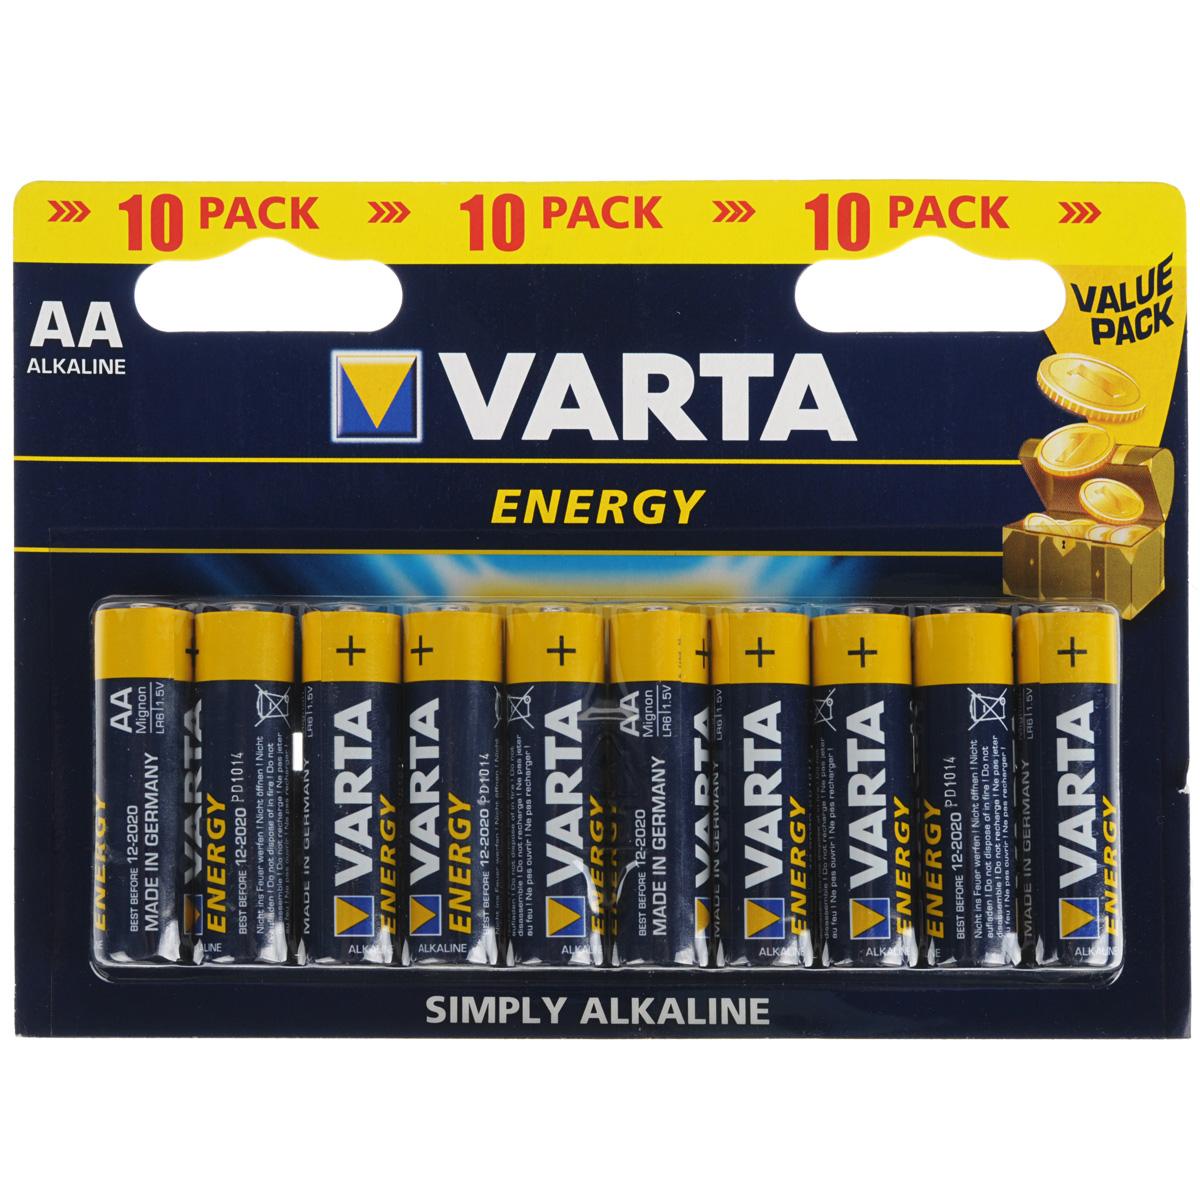 Батарейка Varta Energy, тип AA, 1,5В, 10 шт38563Алкалиновые батарейки Varta Energy отличаются долгим сроком работы, подходят для аудио- видео- техники, а также другой электроники и бытовых приборов. Сделаны из качественных материалов.